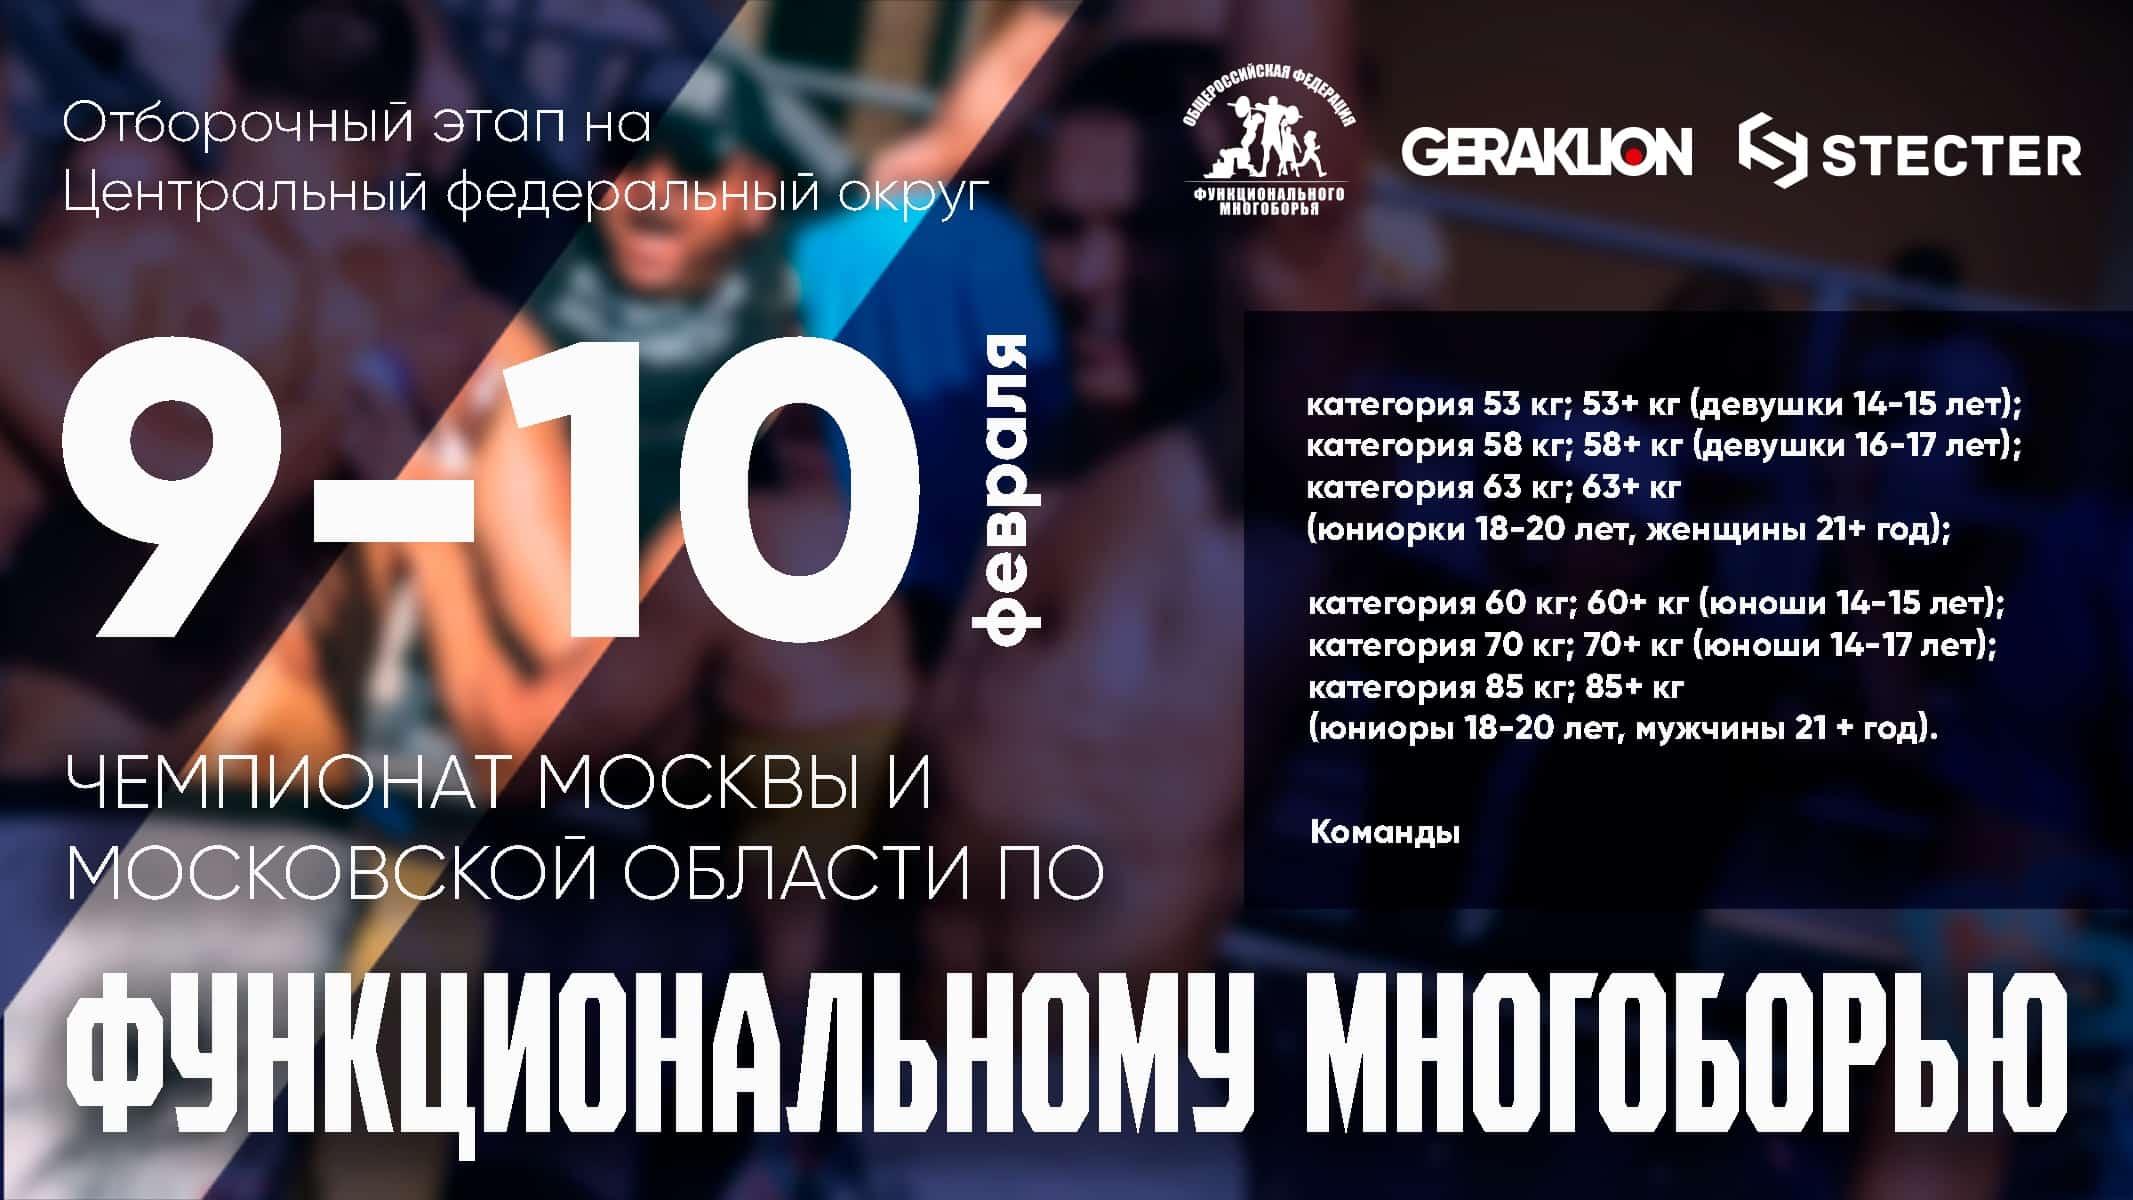 Ffm_Moscow2019